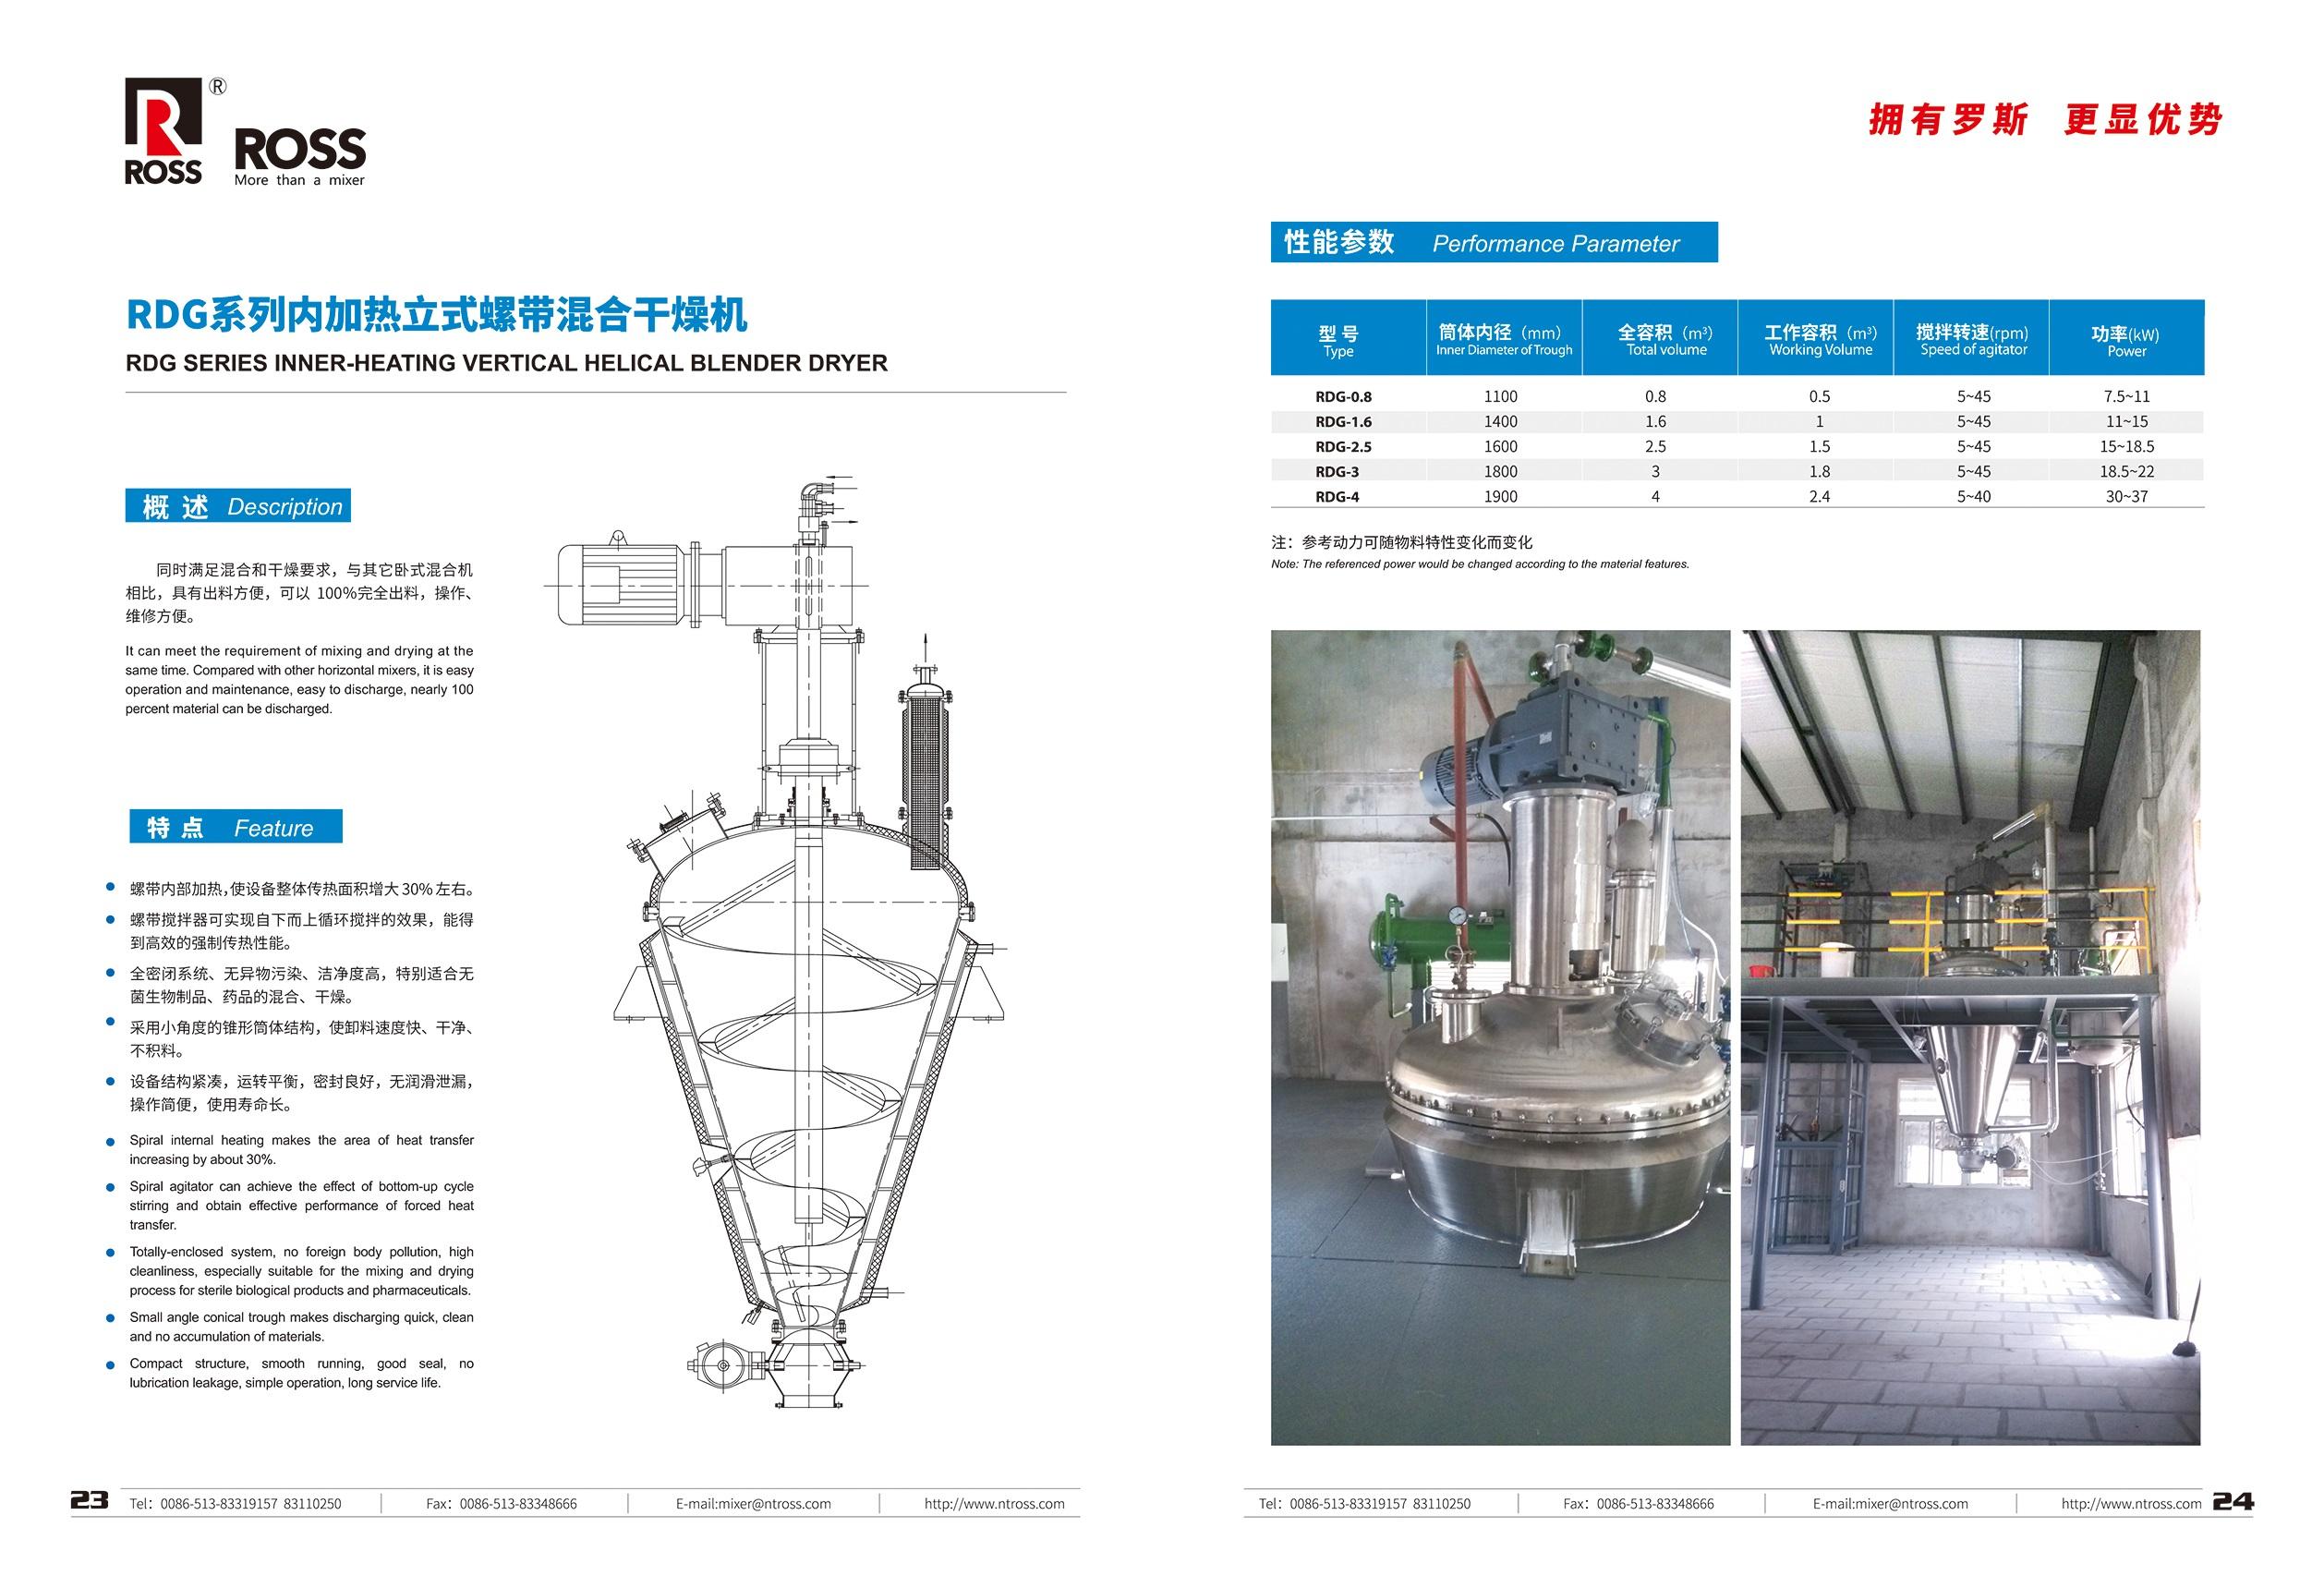 内加热立式螺带混合干燥机 南通罗斯混合设备    立式螺带混合干燥机  螺带混合干燥机